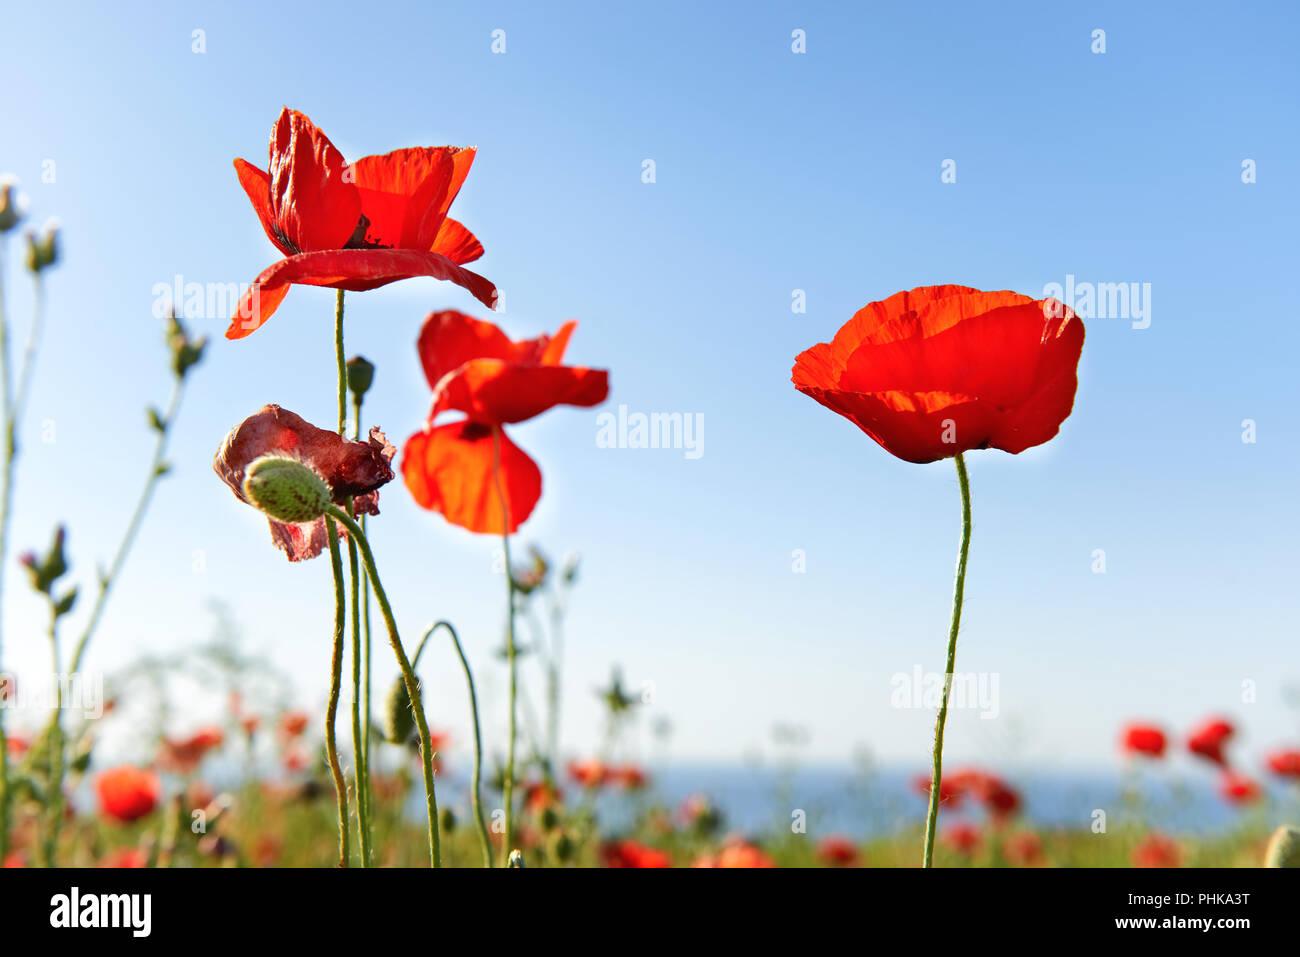 Schone Rote Mohnblumen Auf Der Grunen Wiese Stockfotografie Alamy